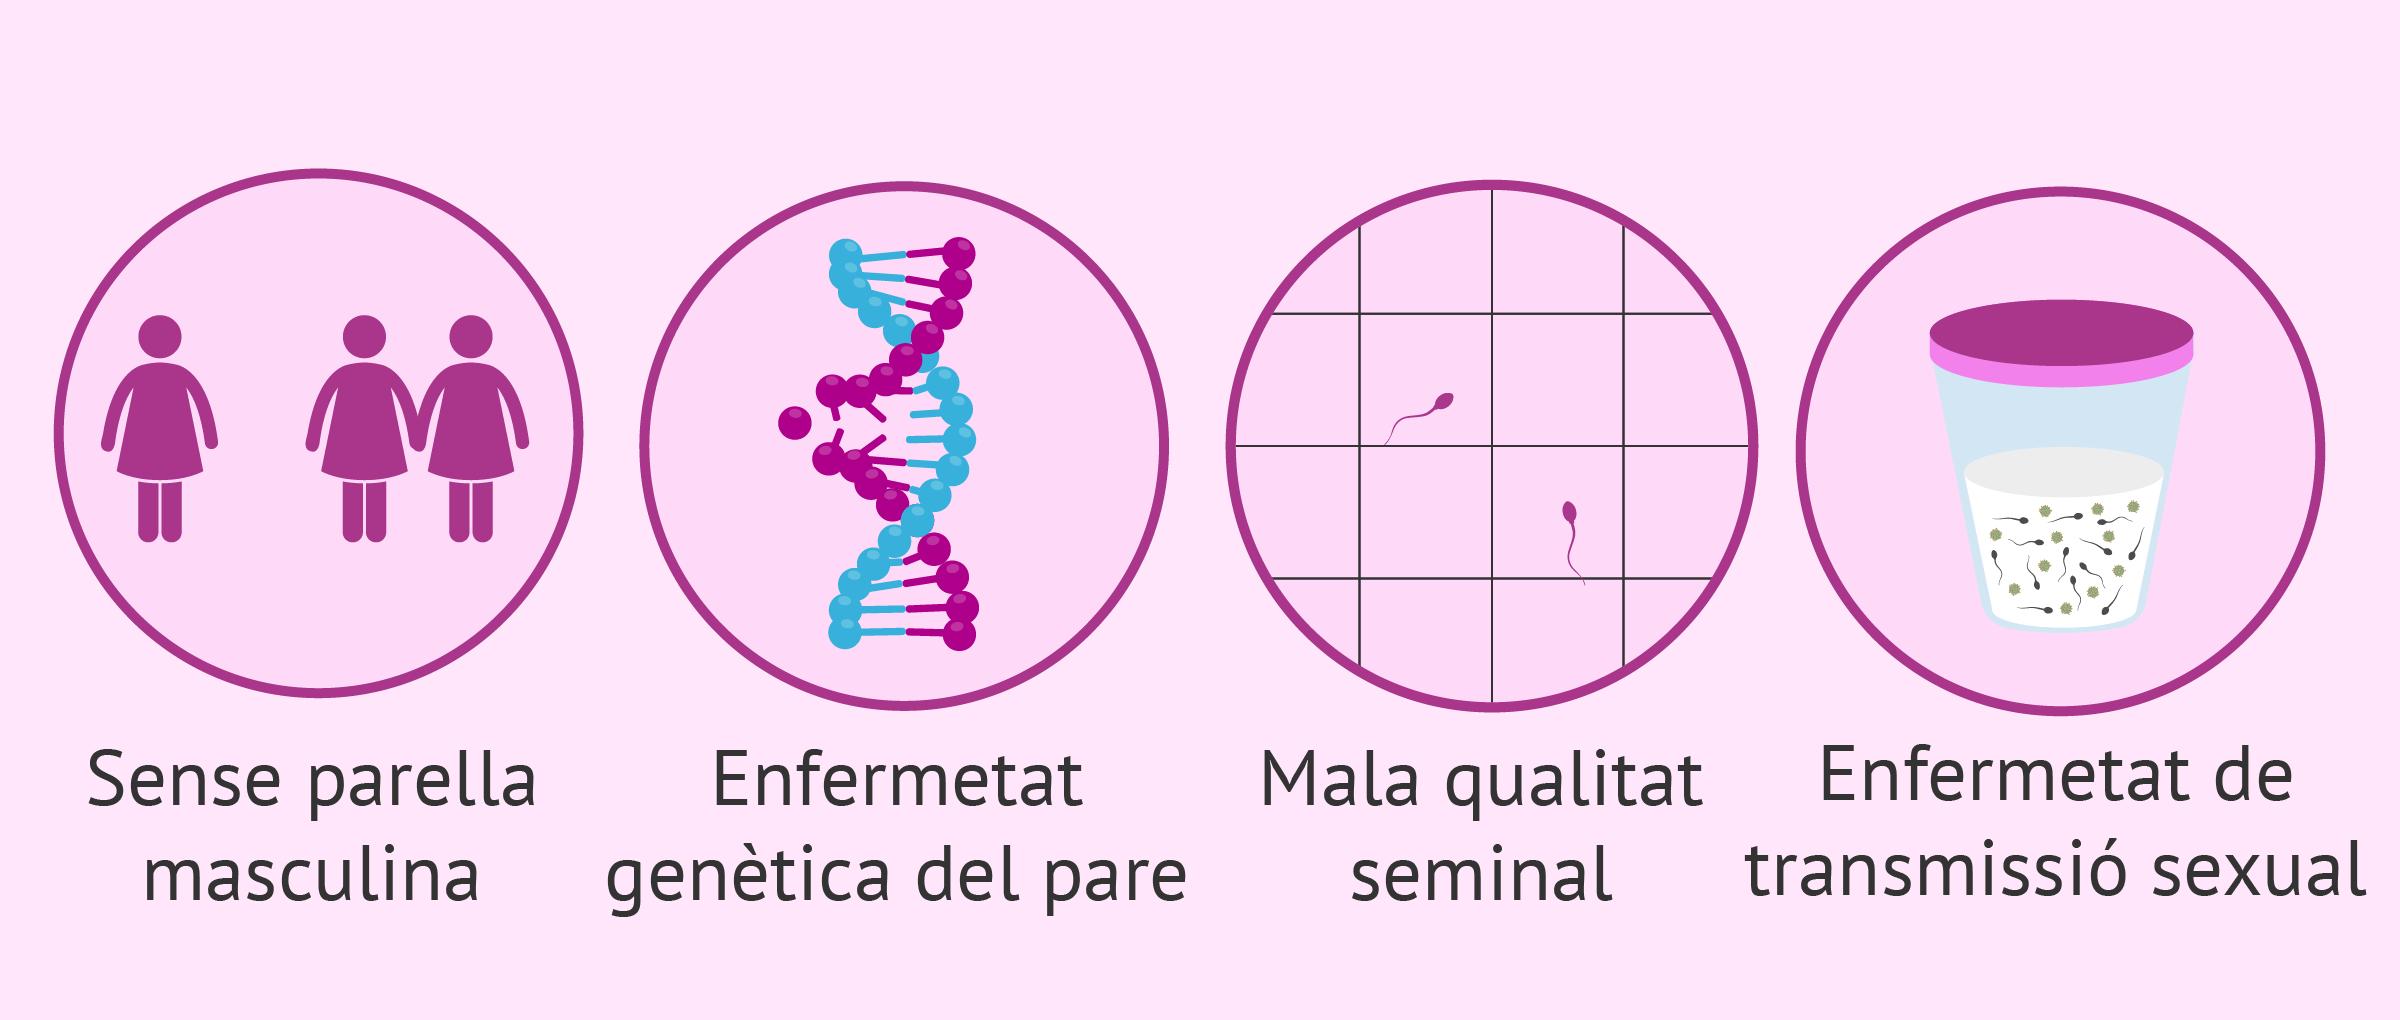 Indicacions de la inseminació artificial amb esperma de donant